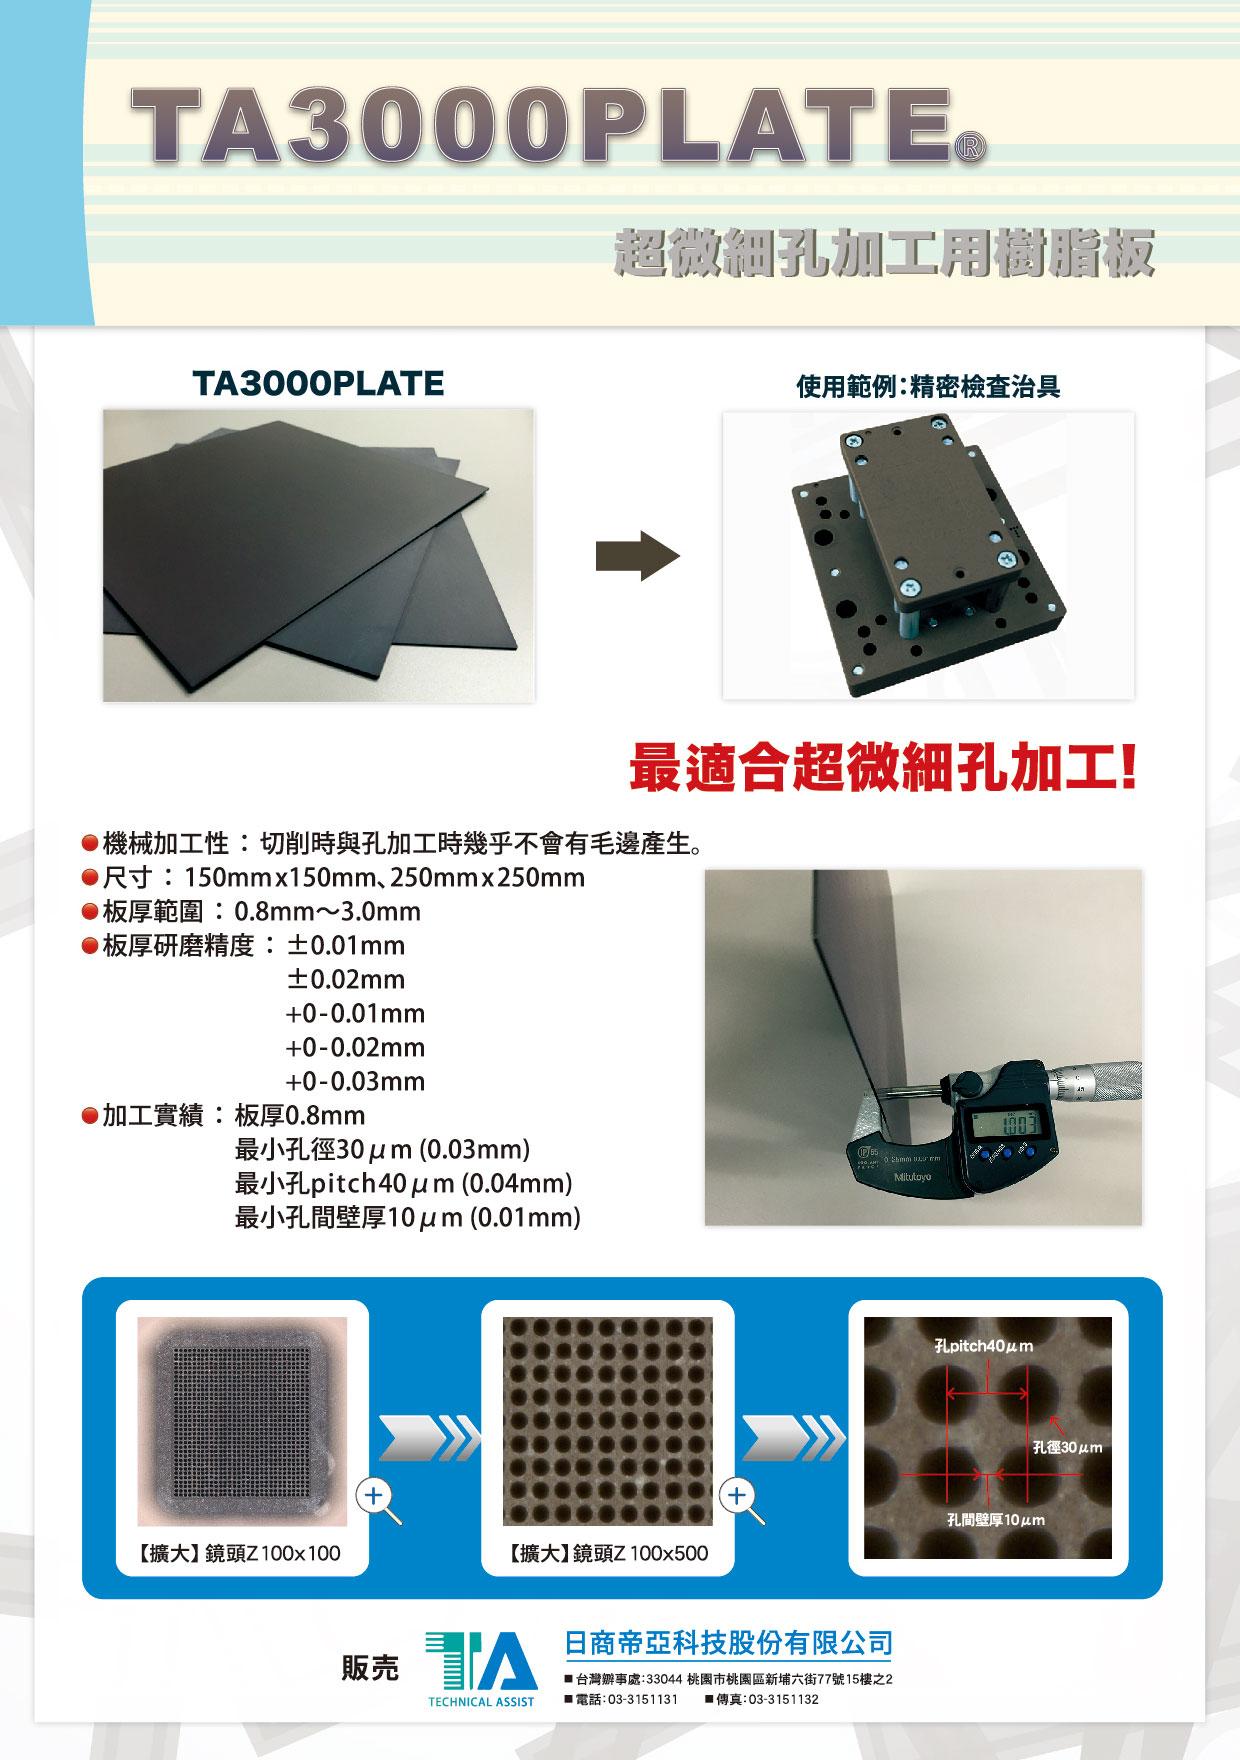 中島化学産業株式会社様の中国語パンフできました。